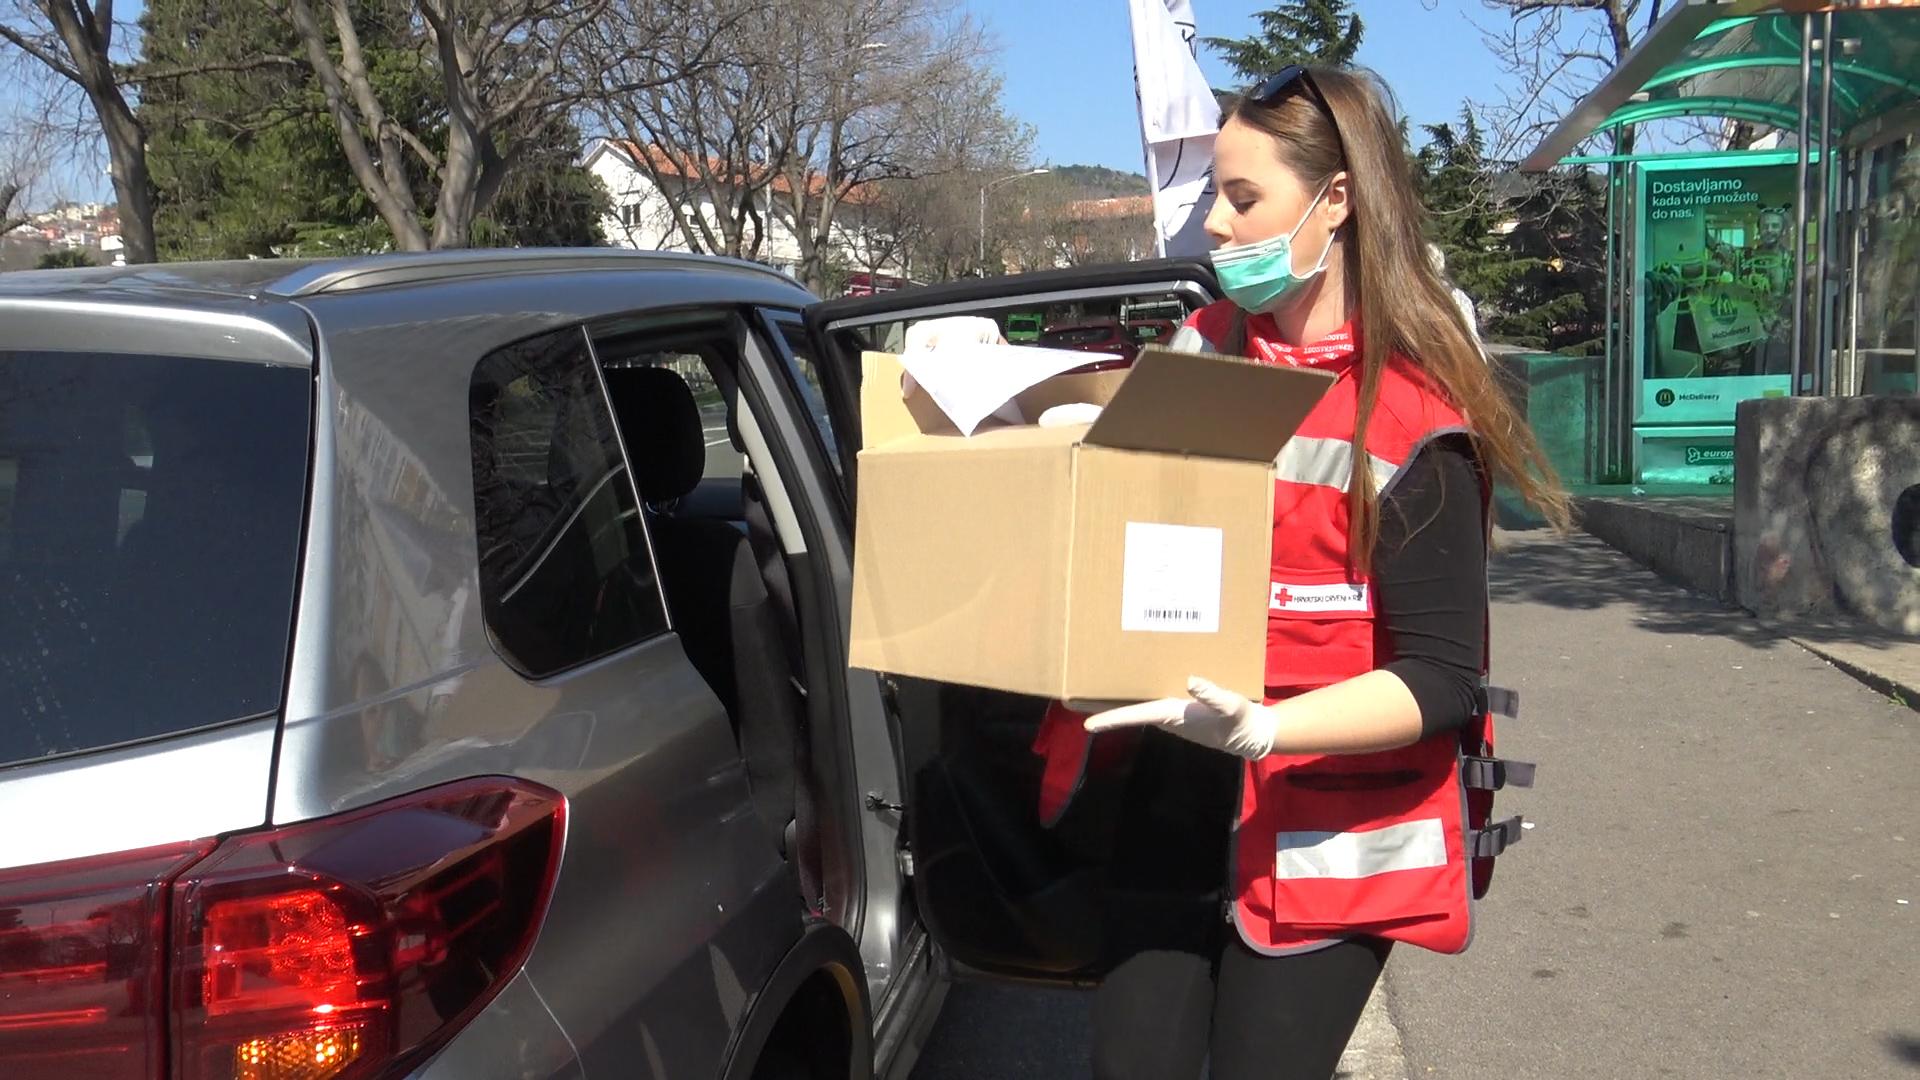 Crveni križ dostavlja hranu i lijekove zbog koronavirusa (8)